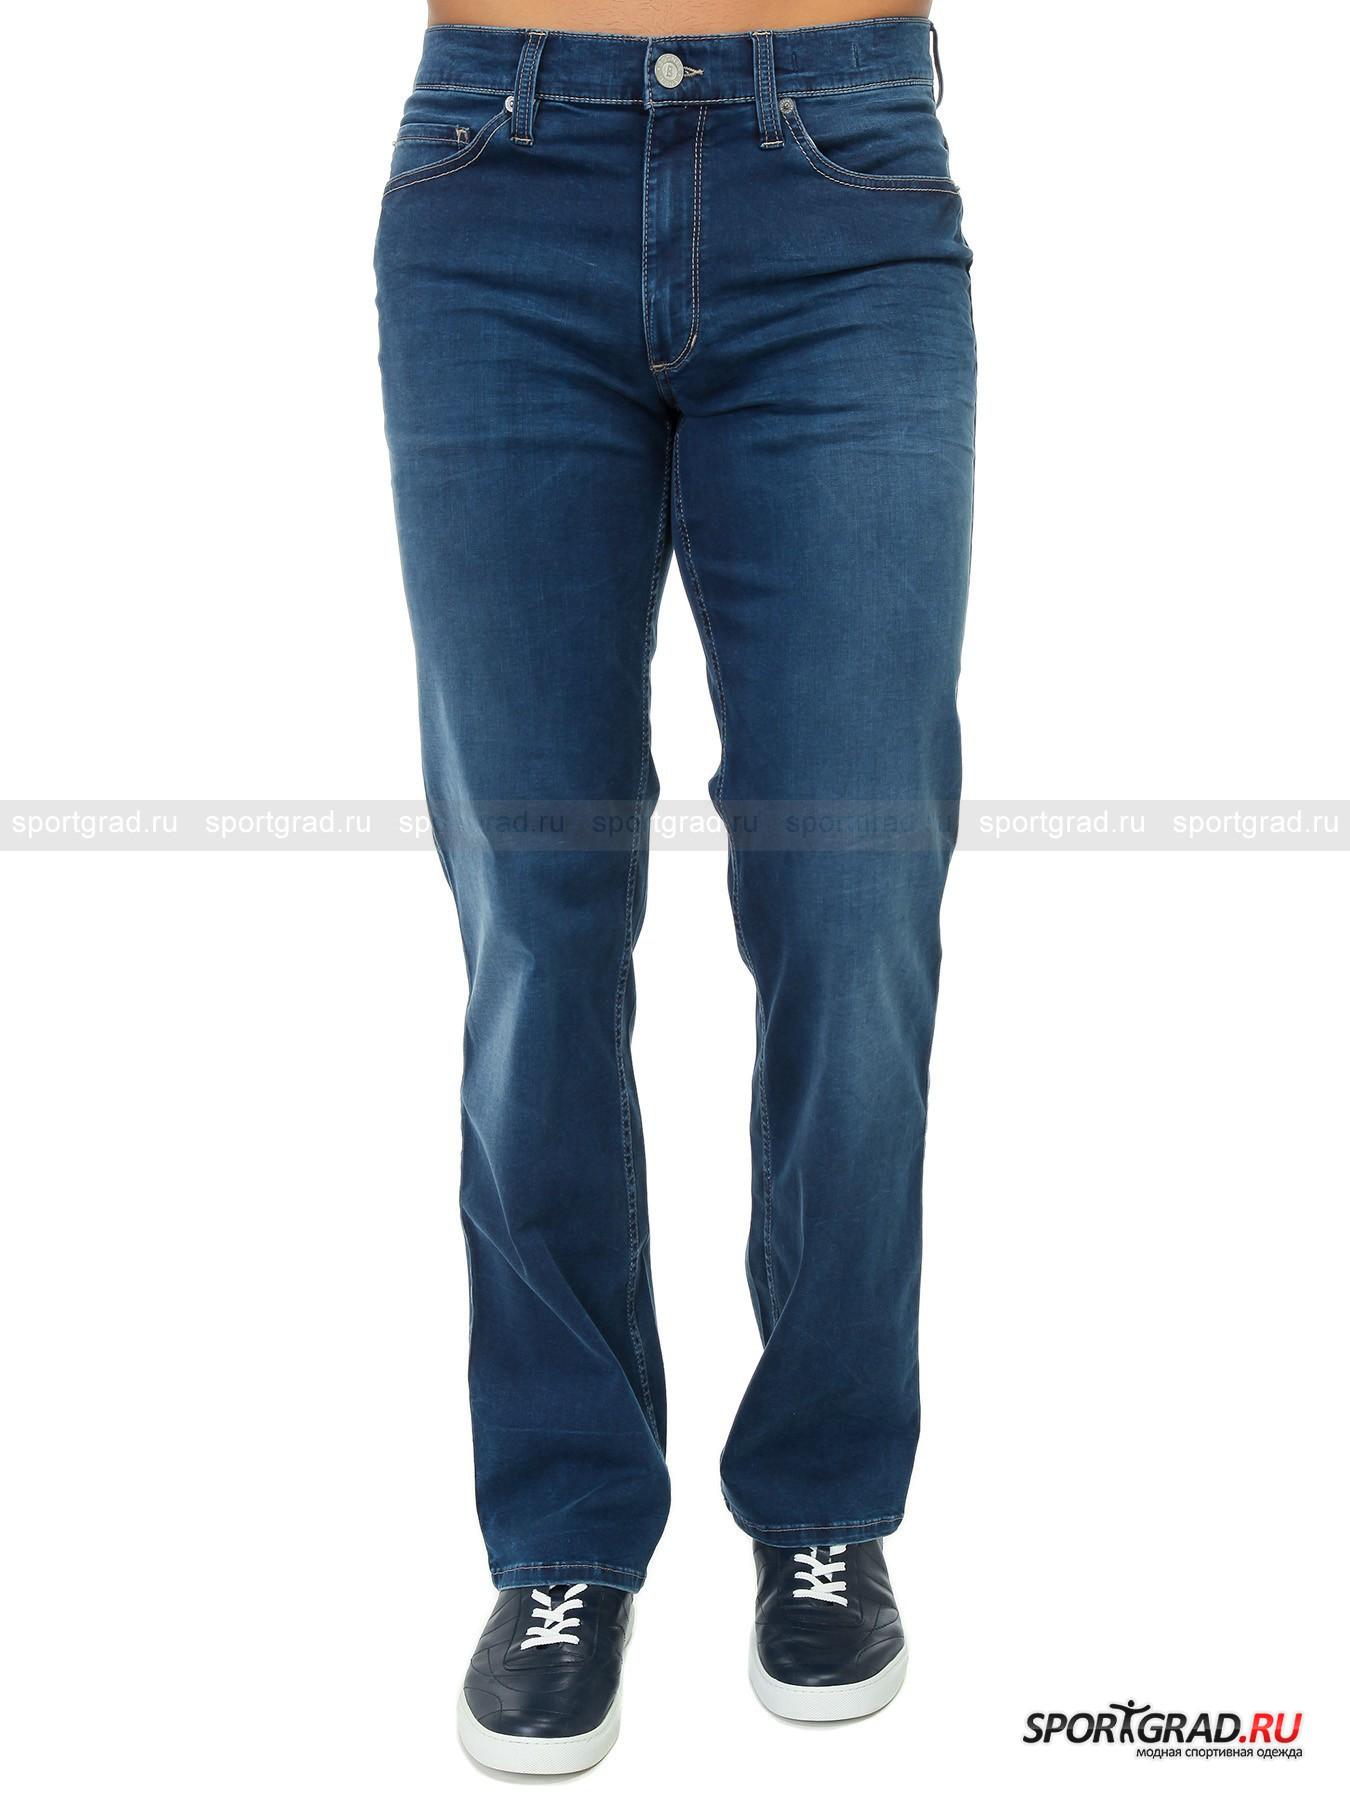 Где купить мужские джинсы